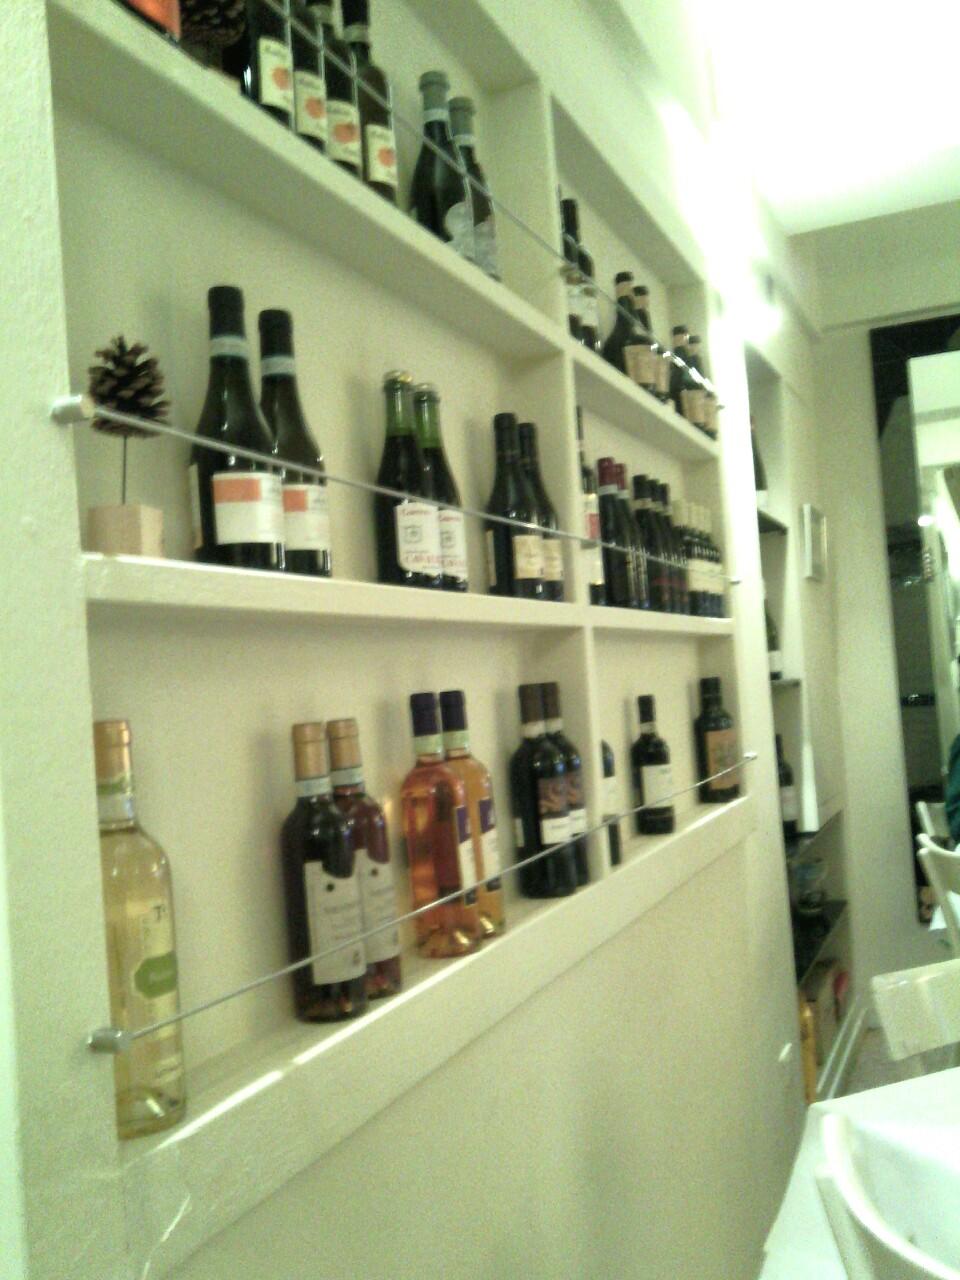 Vicolo Colombina- Alcuni delle bottiglie proposte in vista